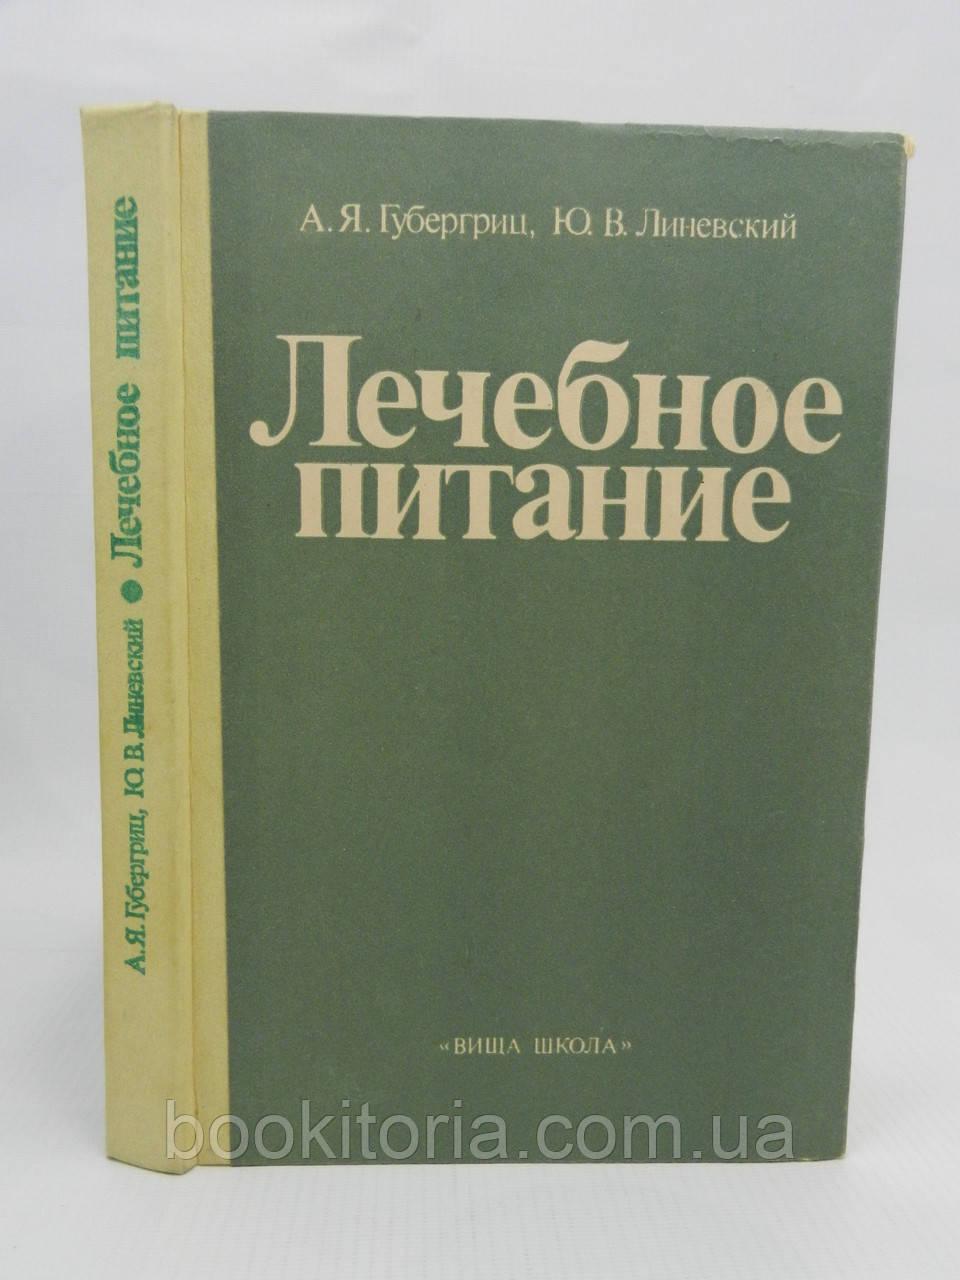 Губергриц А.Я., Линевский Ю.В. Лечебное питание (б/у).